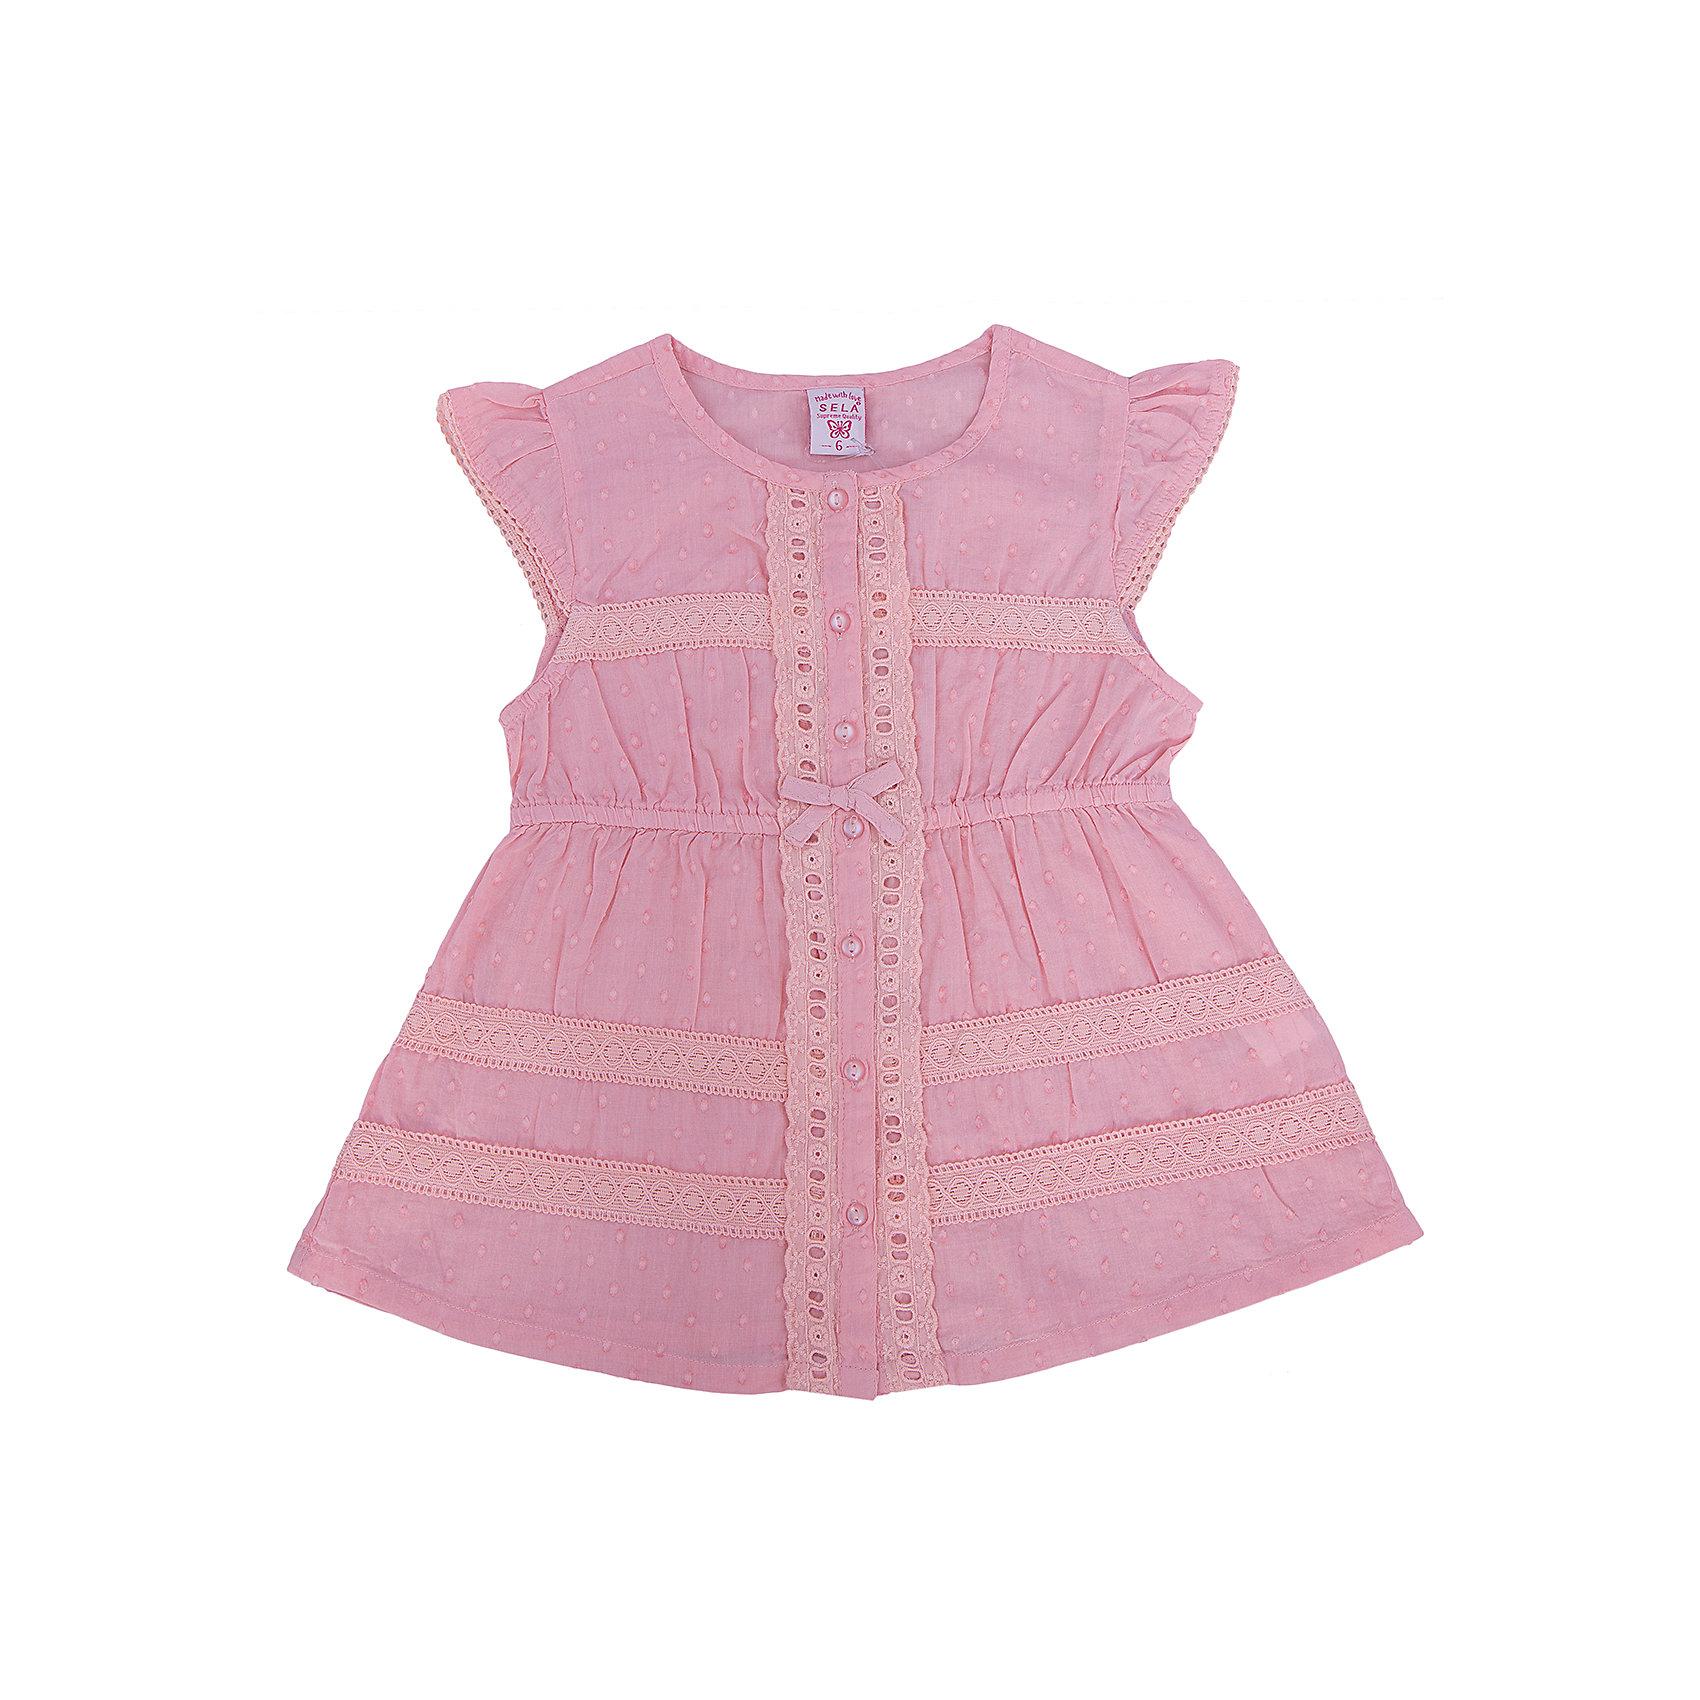 Блузка для девочки SELAБлузки и рубашки<br>Блузка для девочки от известной марки SELA займет достойное место в гардеробе юной модницы. Блузка выполнена из натурального хлопка, застегивается на пуговицы спереди, декорирована нежным кружевом и маленьким бантиком. <br><br>Дополнительная информация:<br><br>- Приятный на ощупь материал. <br>- Короткий рукав-крылышко. <br>- Нежное кружево.<br>- Типа застежки: пуговицы. <br>- Крой: трапеция. <br>Состав: <br>- 100% хлопок.<br><br>Блузка для девочки, SELA (Села), можно купить в нашем магазине.<br><br>Ширина мм: 186<br>Глубина мм: 87<br>Высота мм: 198<br>Вес г: 197<br>Цвет: розовый<br>Возраст от месяцев: 60<br>Возраст до месяцев: 72<br>Пол: Женский<br>Возраст: Детский<br>Размер: 116,92,98,104,110<br>SKU: 4741557